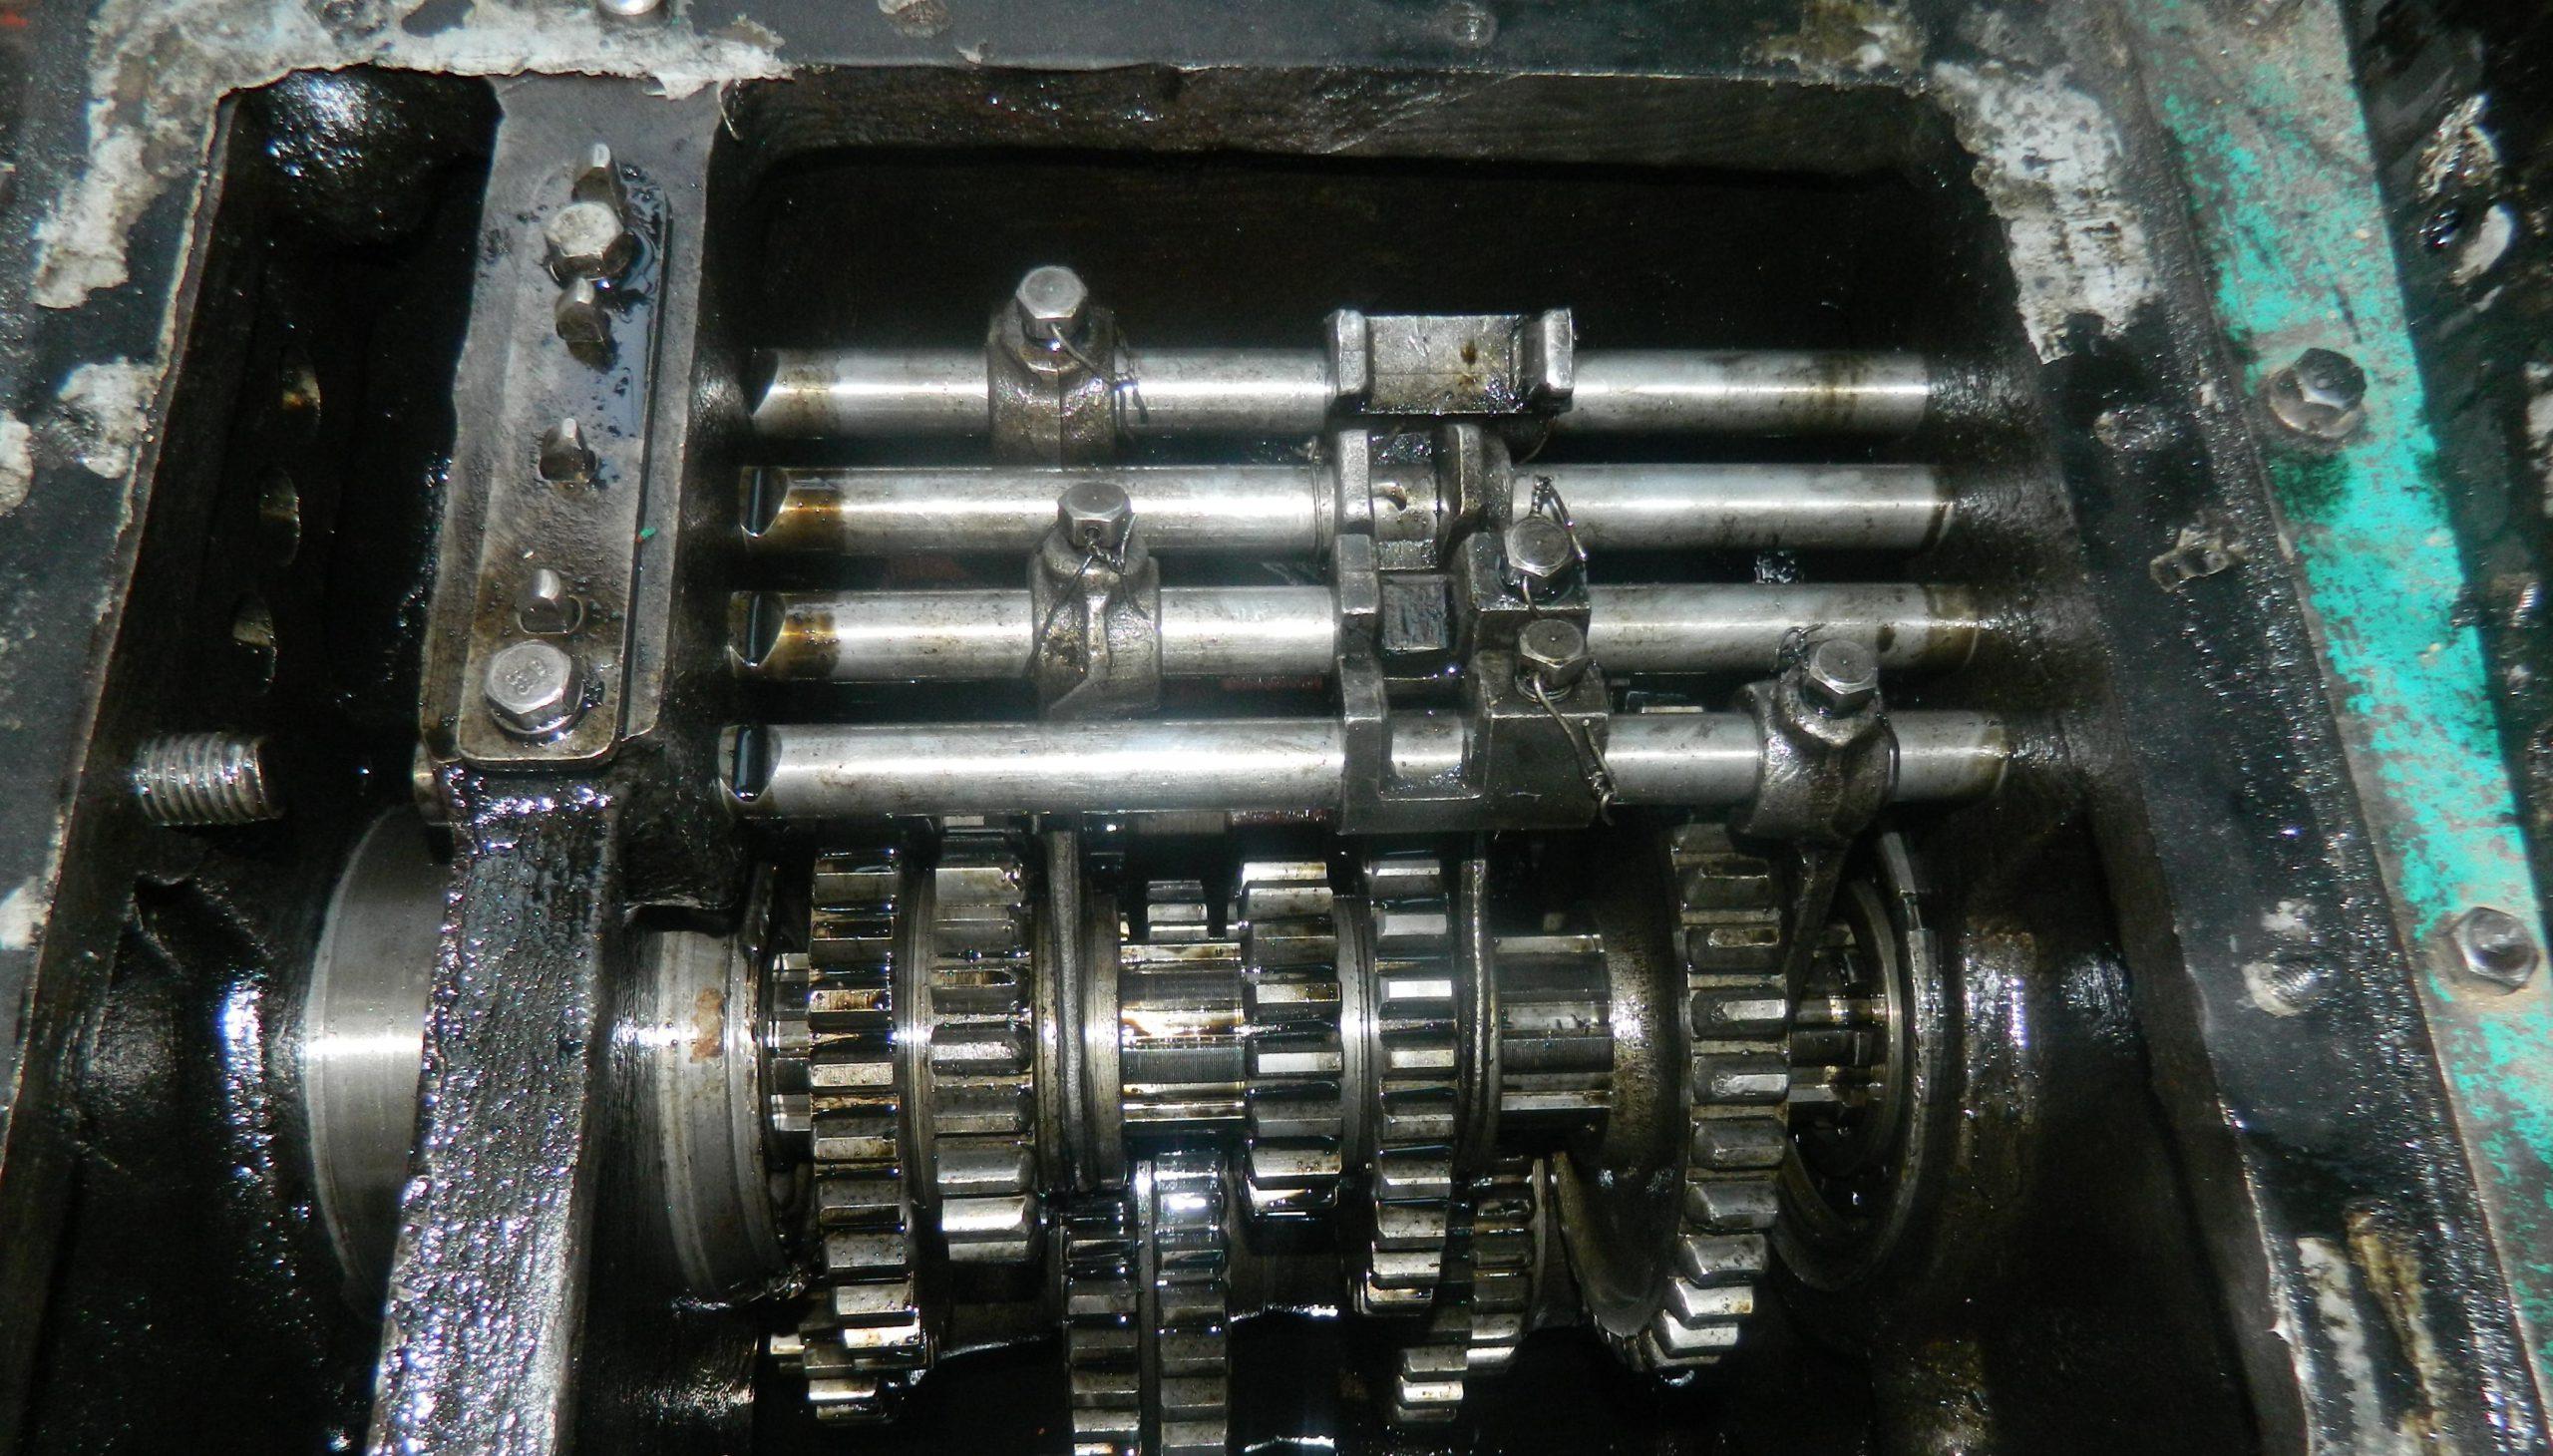 dscn5738